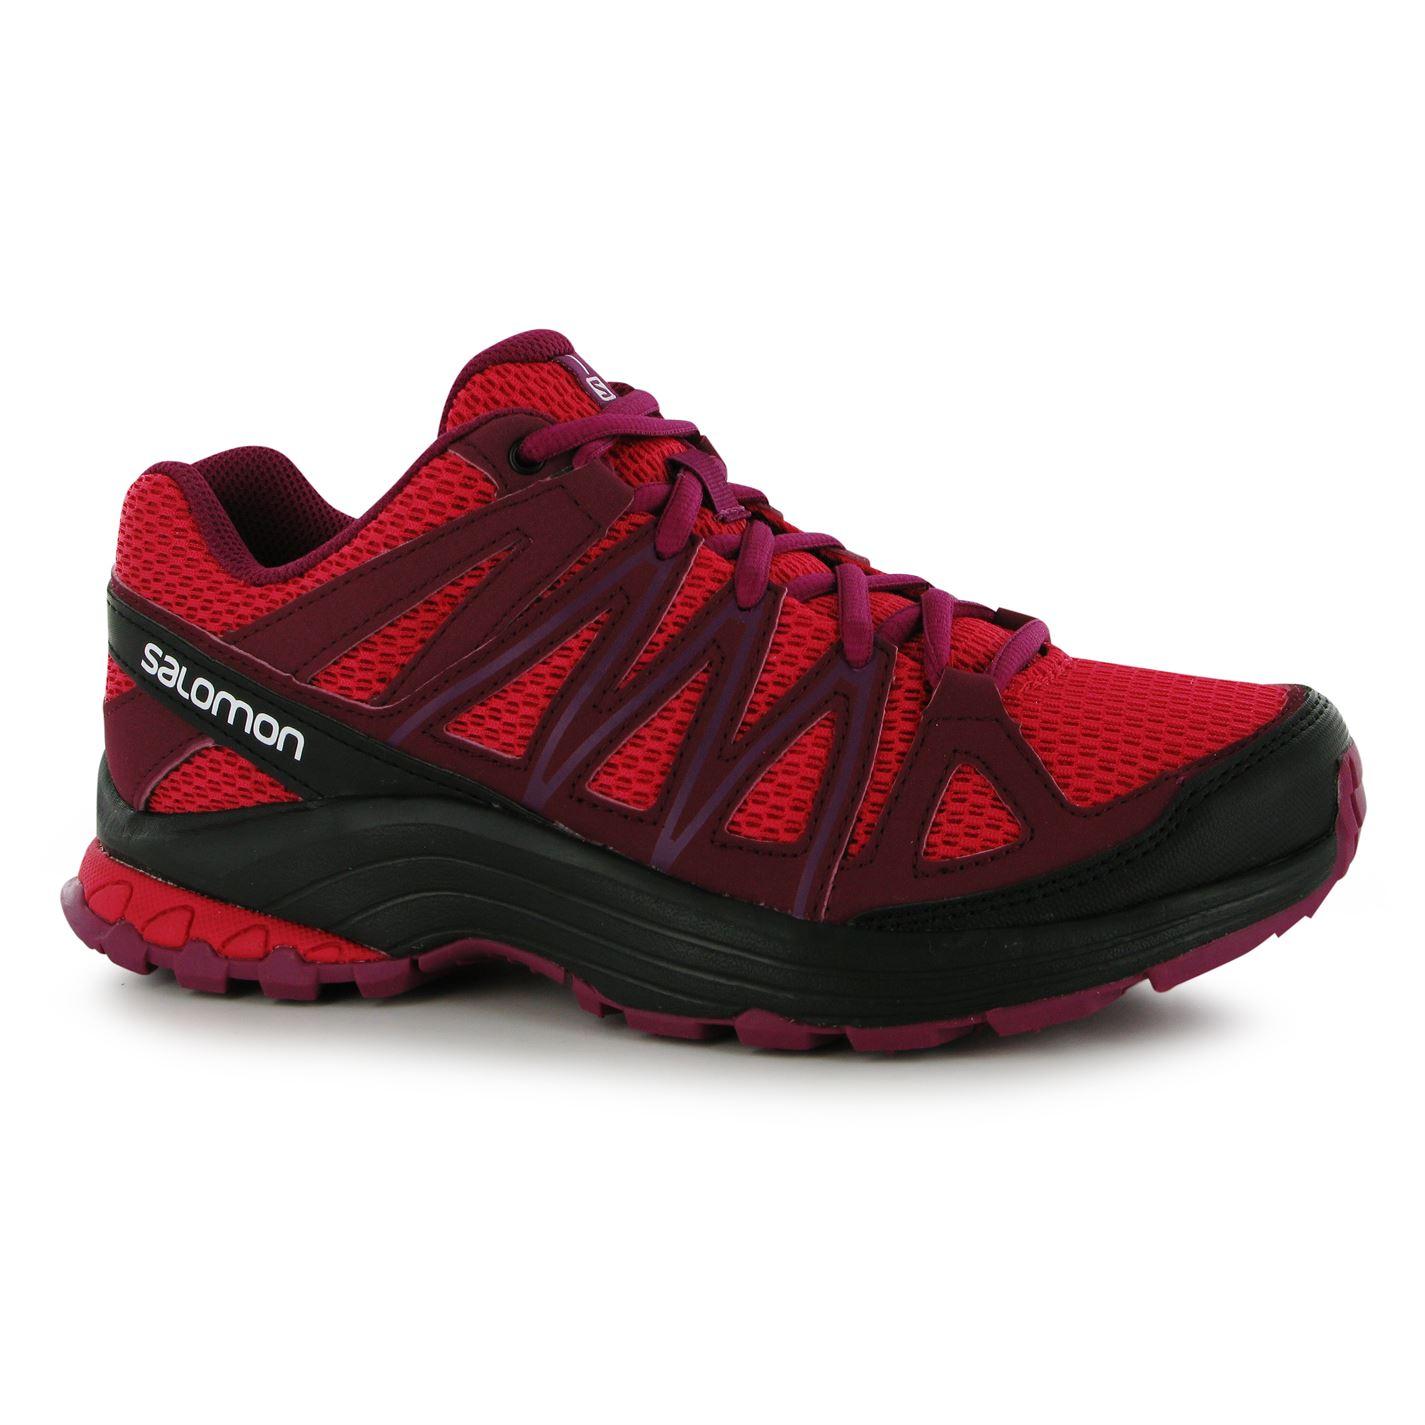 Zapatos Salomon Hombre Mercadolibre